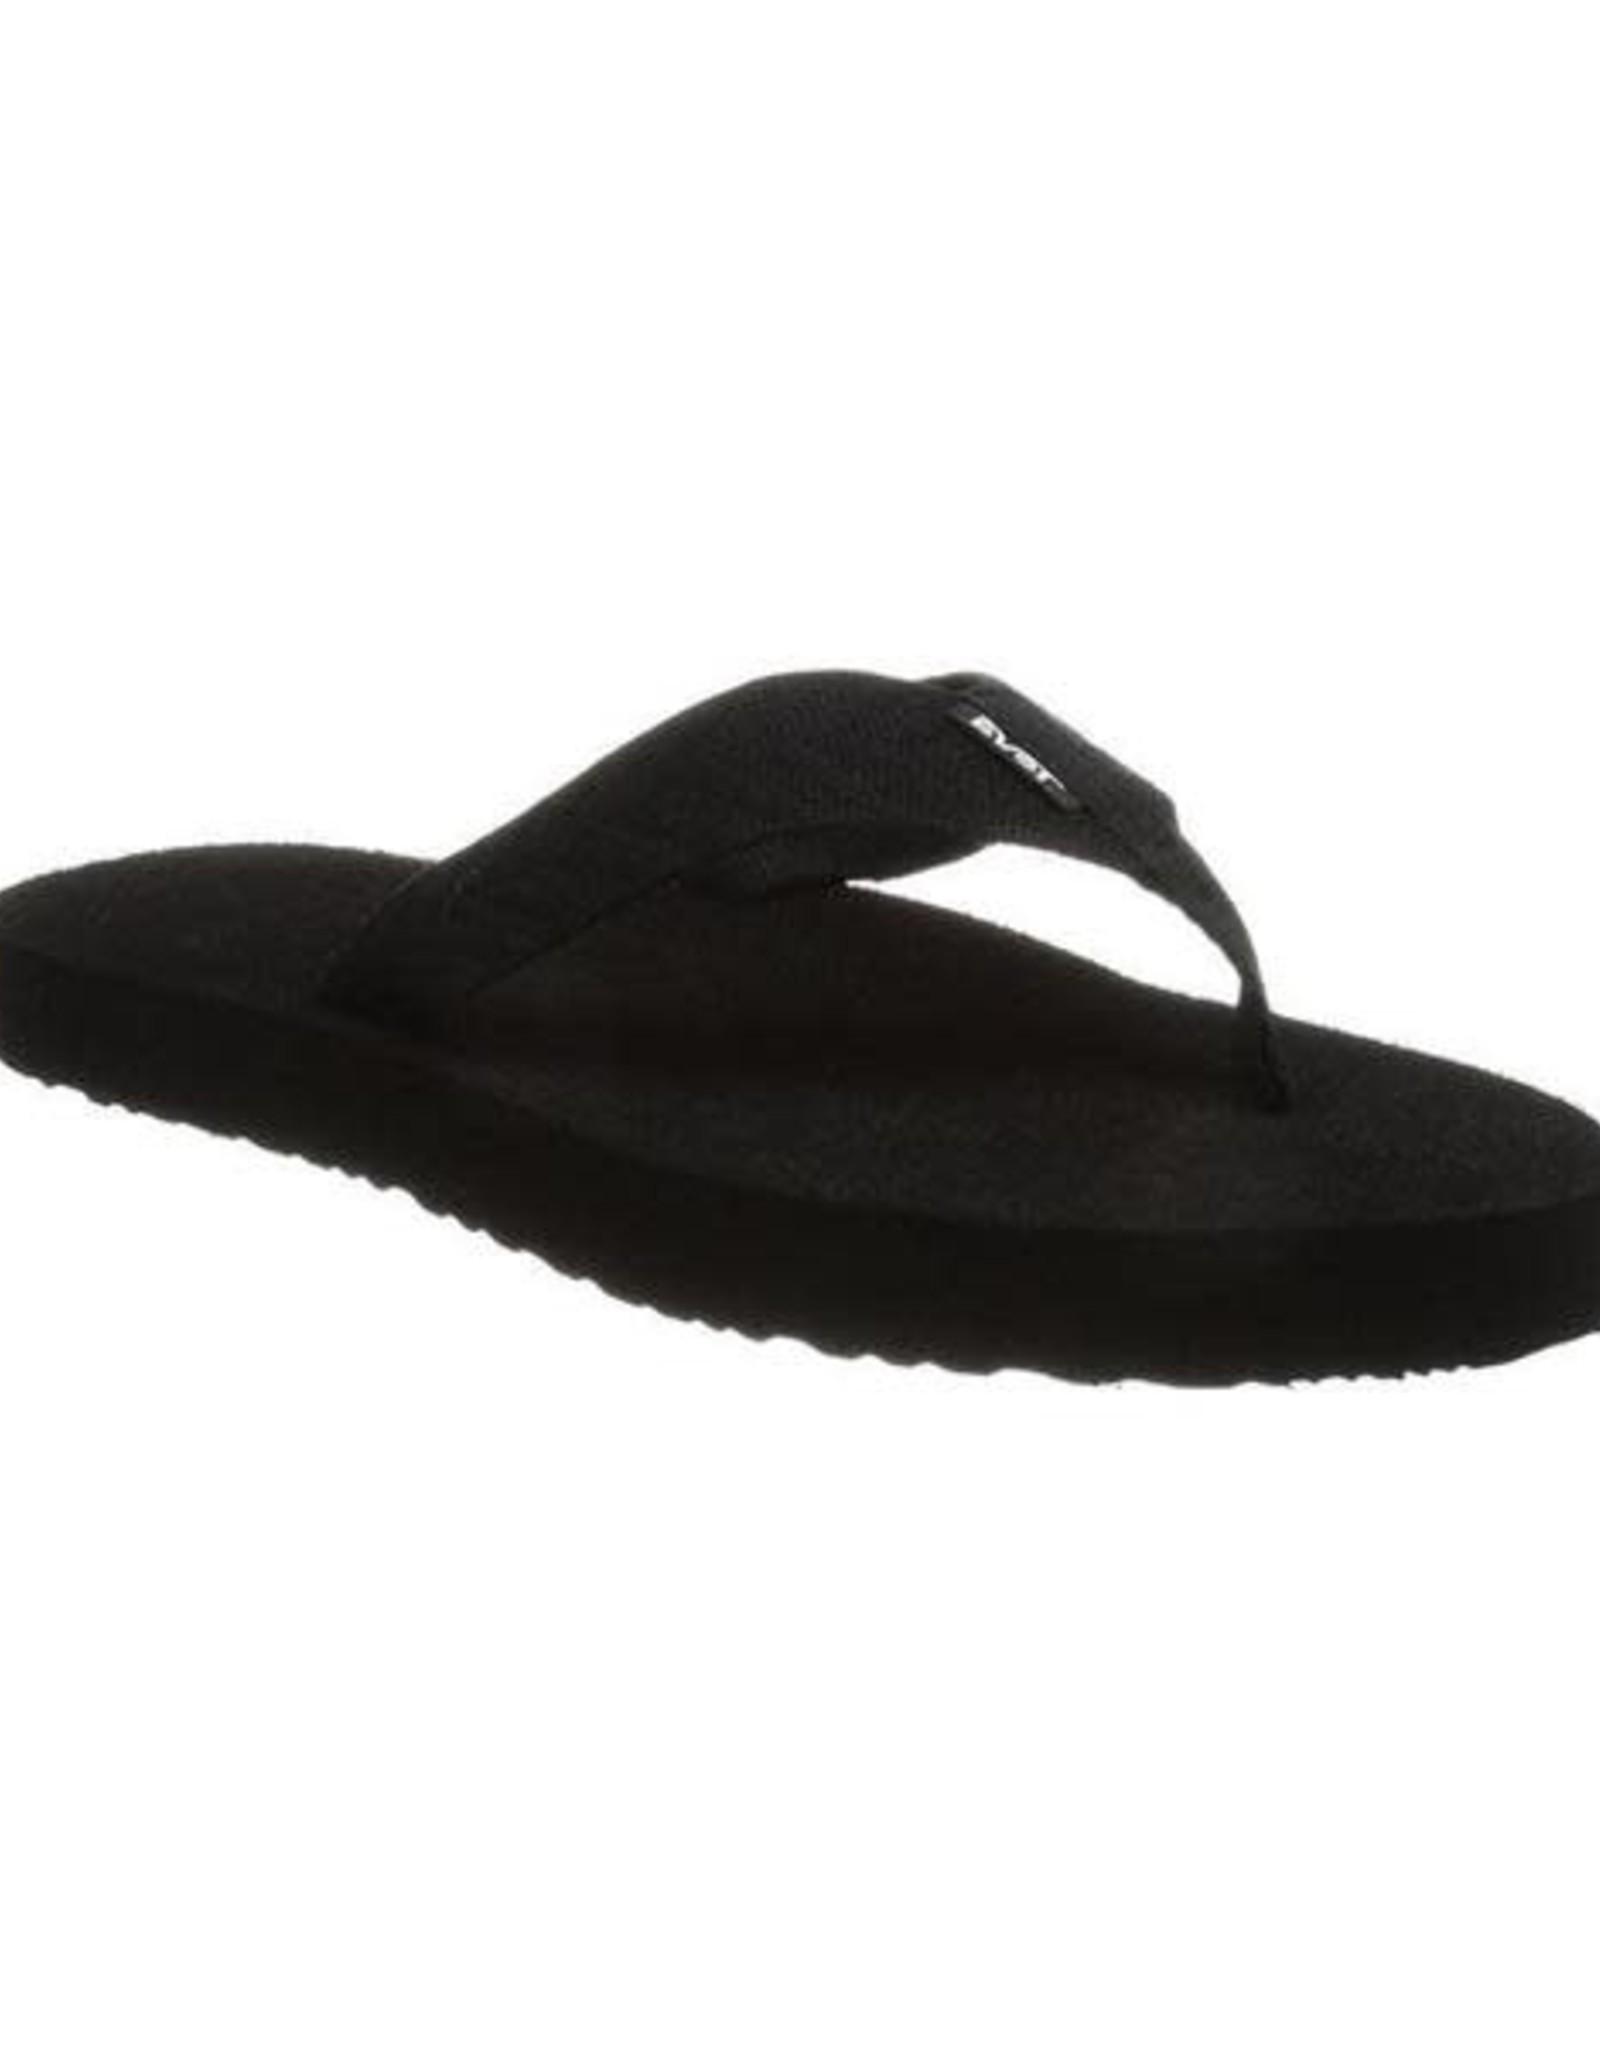 Mush II Sandal